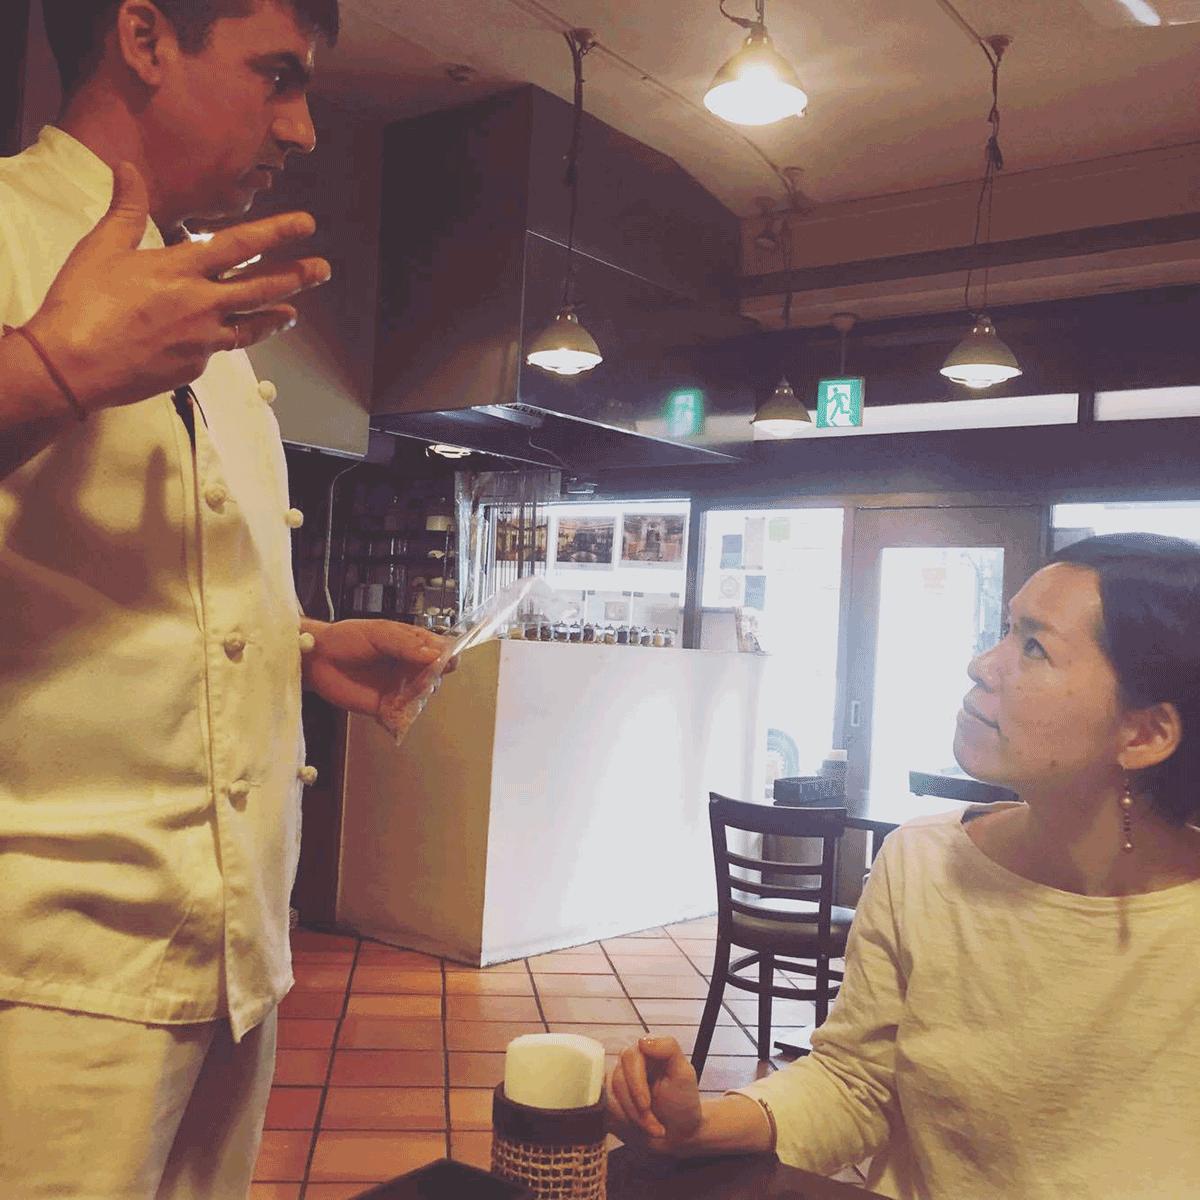 ダクシン東日本橋店でシェフからレメディについて話を聞くAROUND INDIAの田村ゆみ